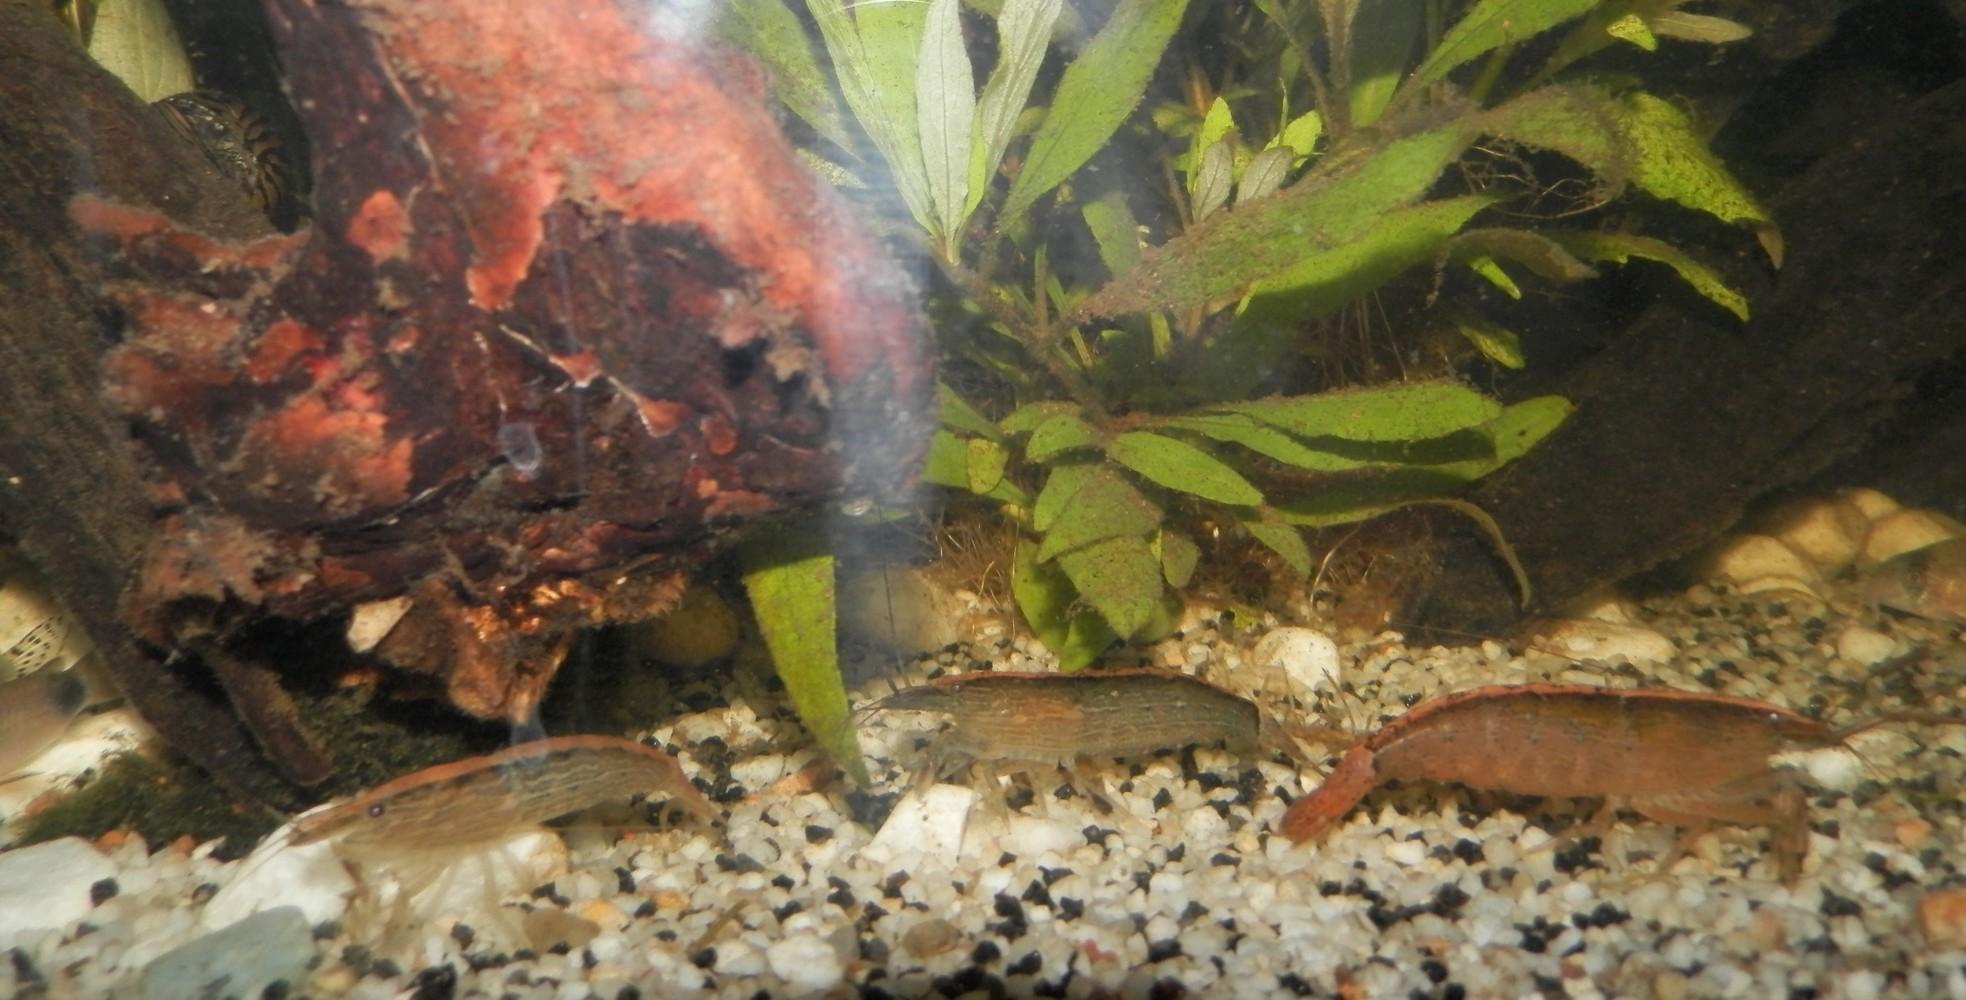 [Présentation] Tous les trous mènent aux crevettes Bambou 7747675022